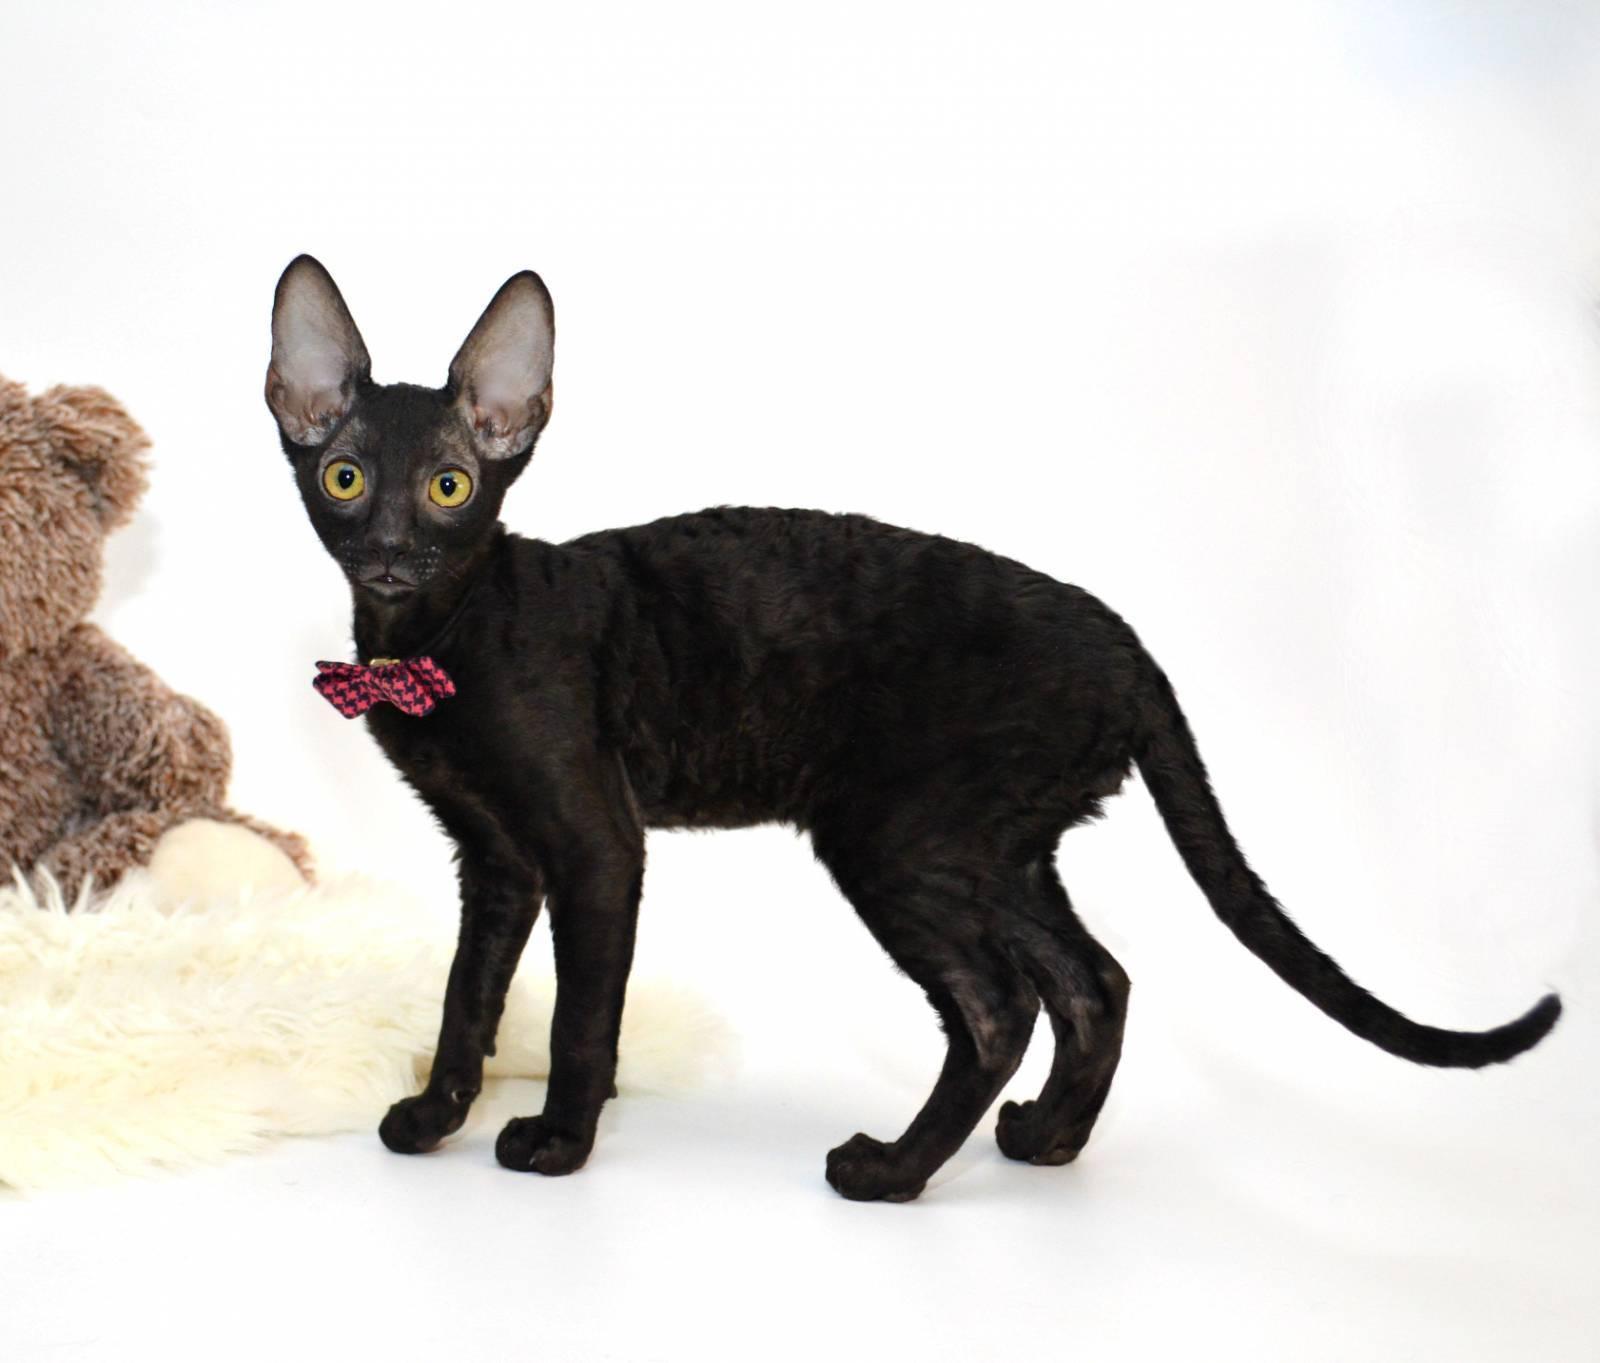 Корниш рекс: описание, фото, характеристика, уход, содержание, кормление породы кошек